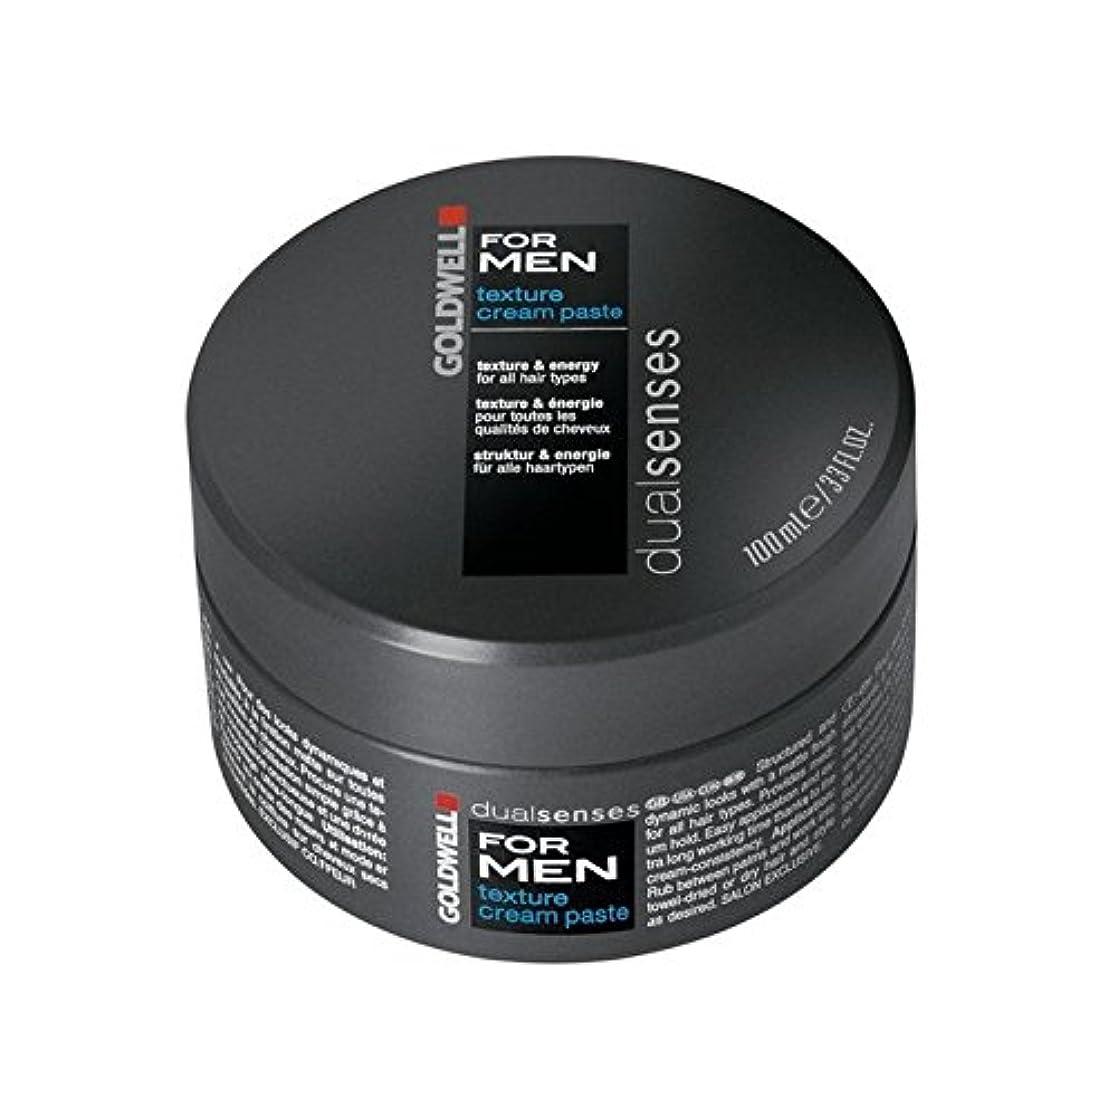 シーケンス発掘農学男性のテクスチャーのクリームペースト(100ミリリットル)のためのの x2 - Goldwell Dualsenses For Men Texture Cream Paste (100ml) (Pack of 2) [並行輸入品]